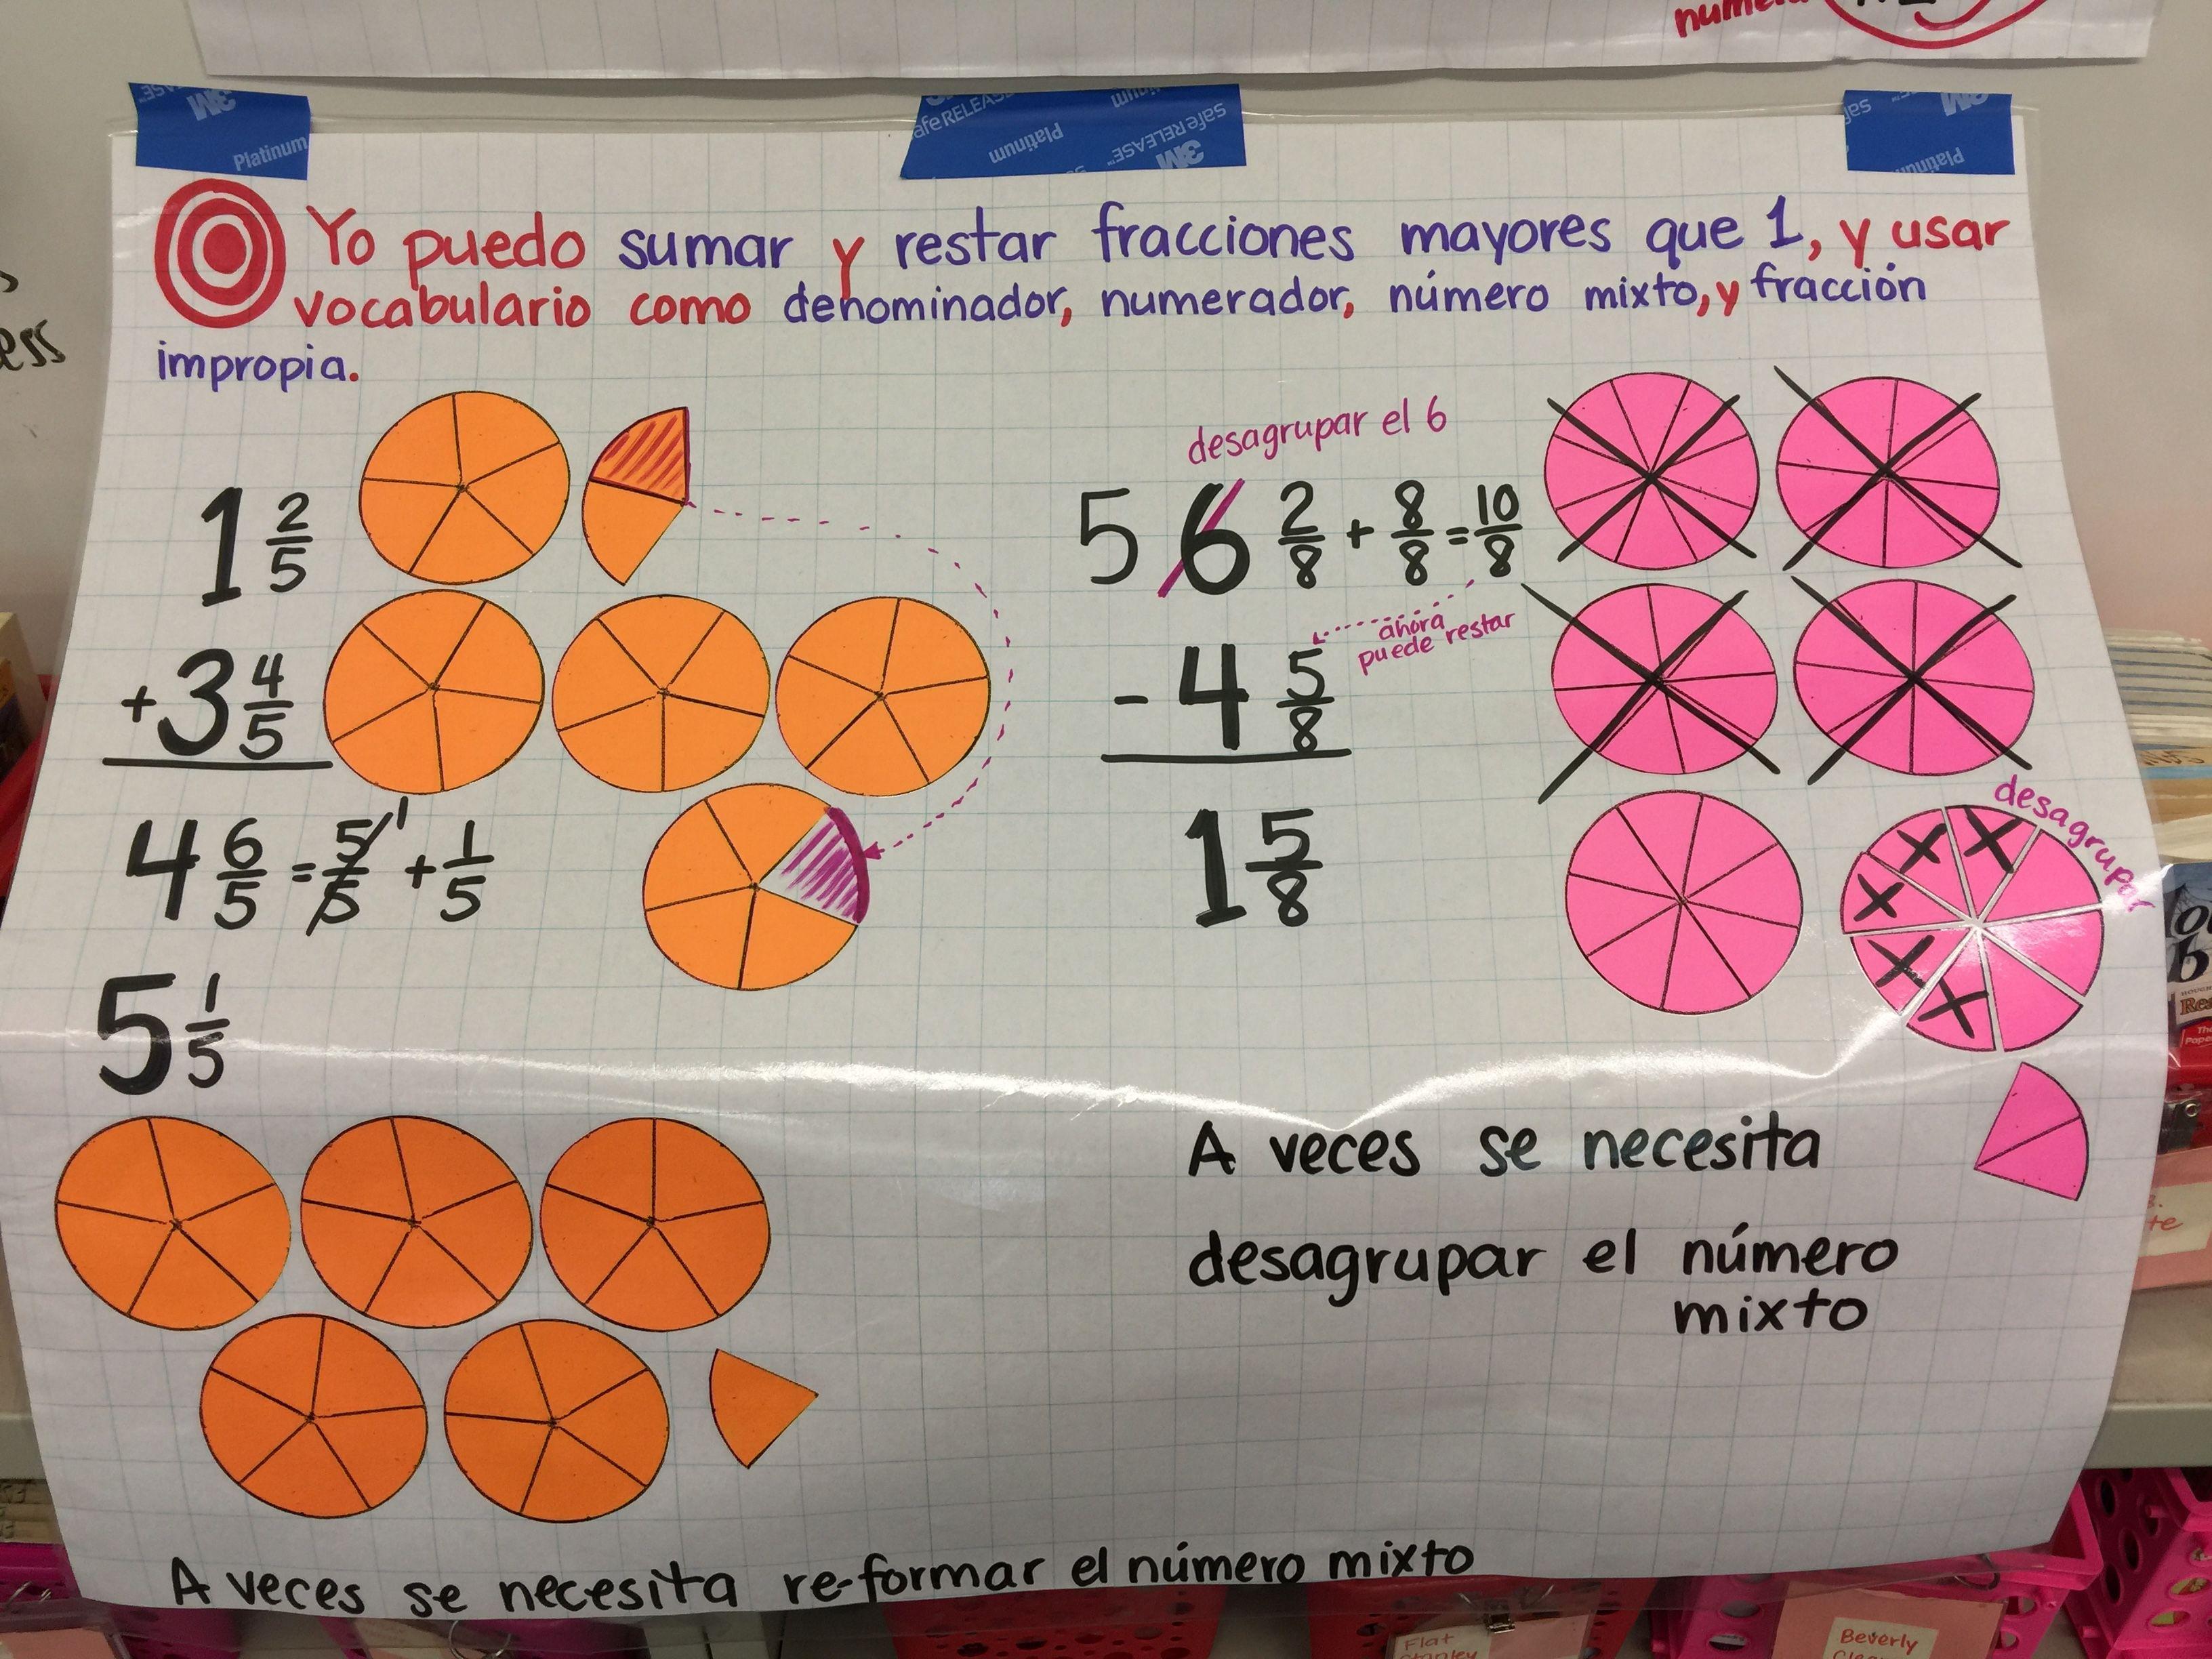 Excepcional Convertir Números Mixtos A Fracciones Impropias Hoja De ...